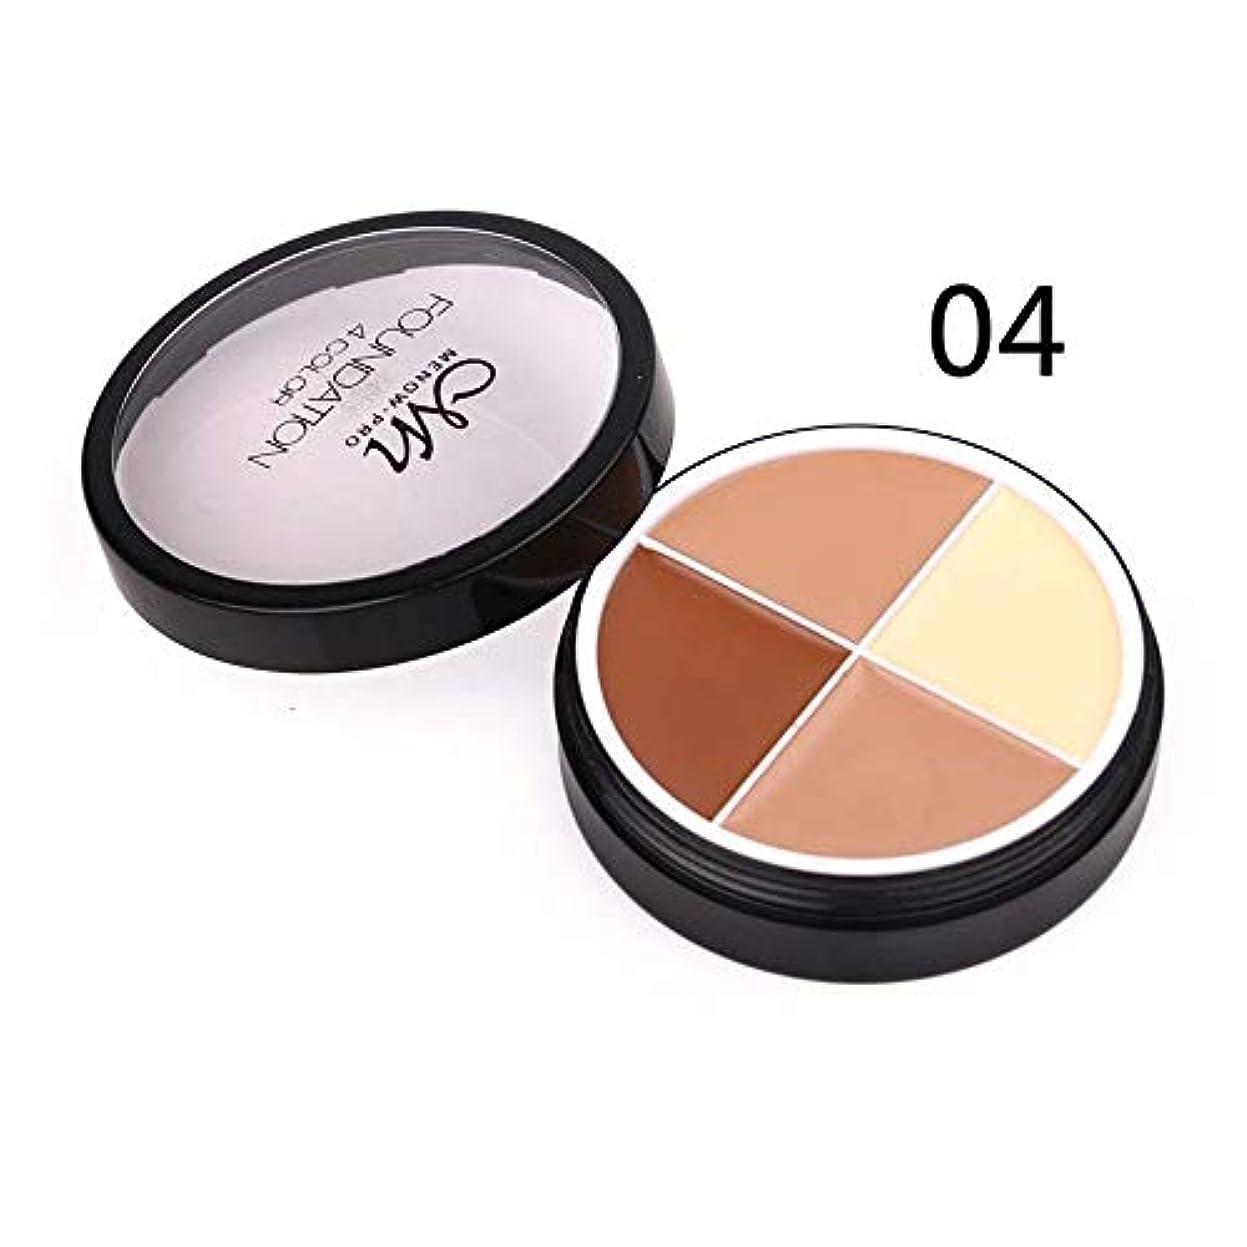 休憩懇願する想定Eye Shadow 4色のアイシャドーマット多色セットアイメーク舞台アイシャドウ (04)